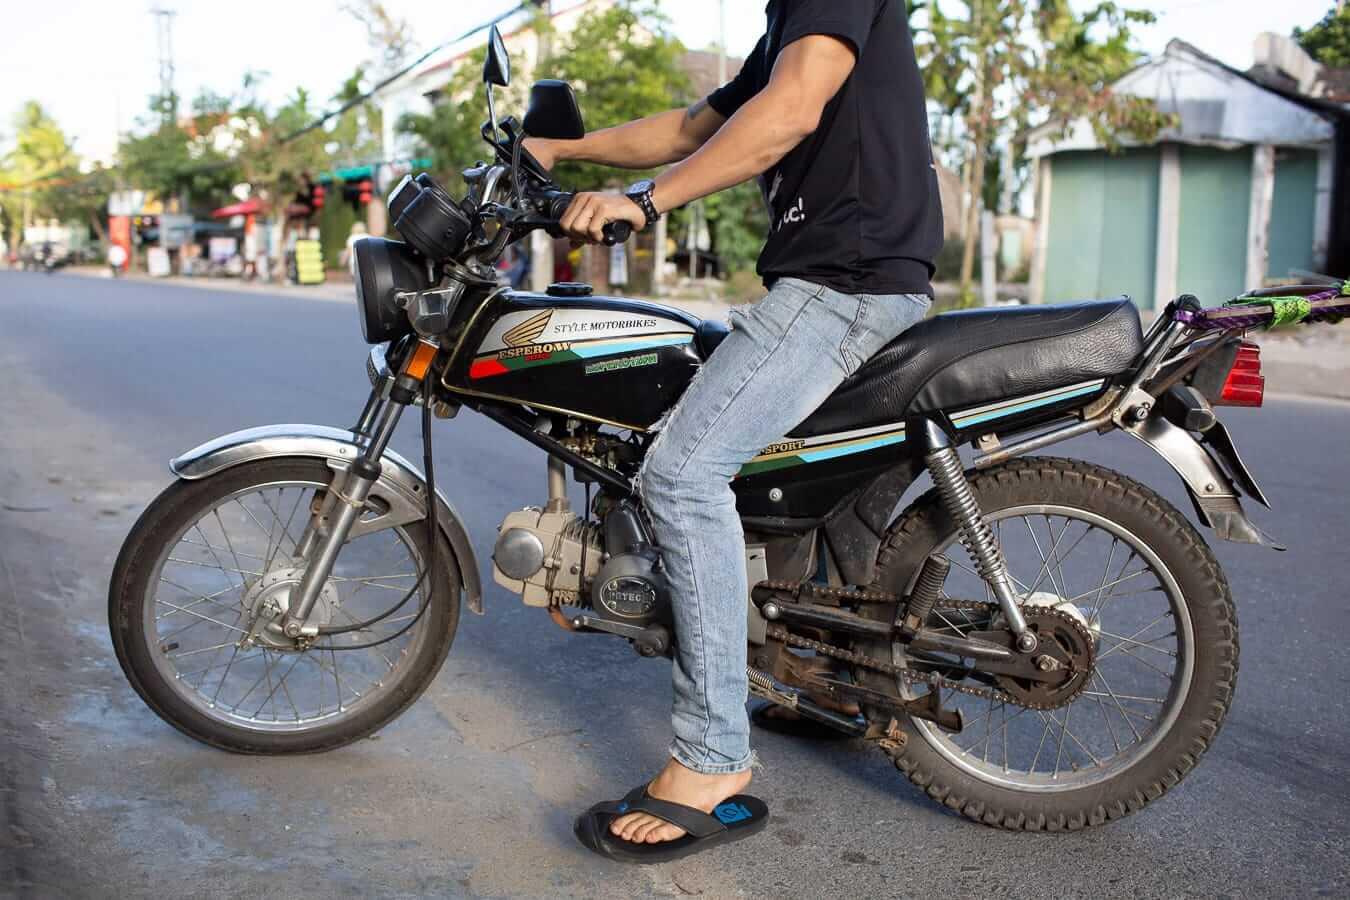 Style Motorbikes' Honda Win: Vietnam motorbike rental